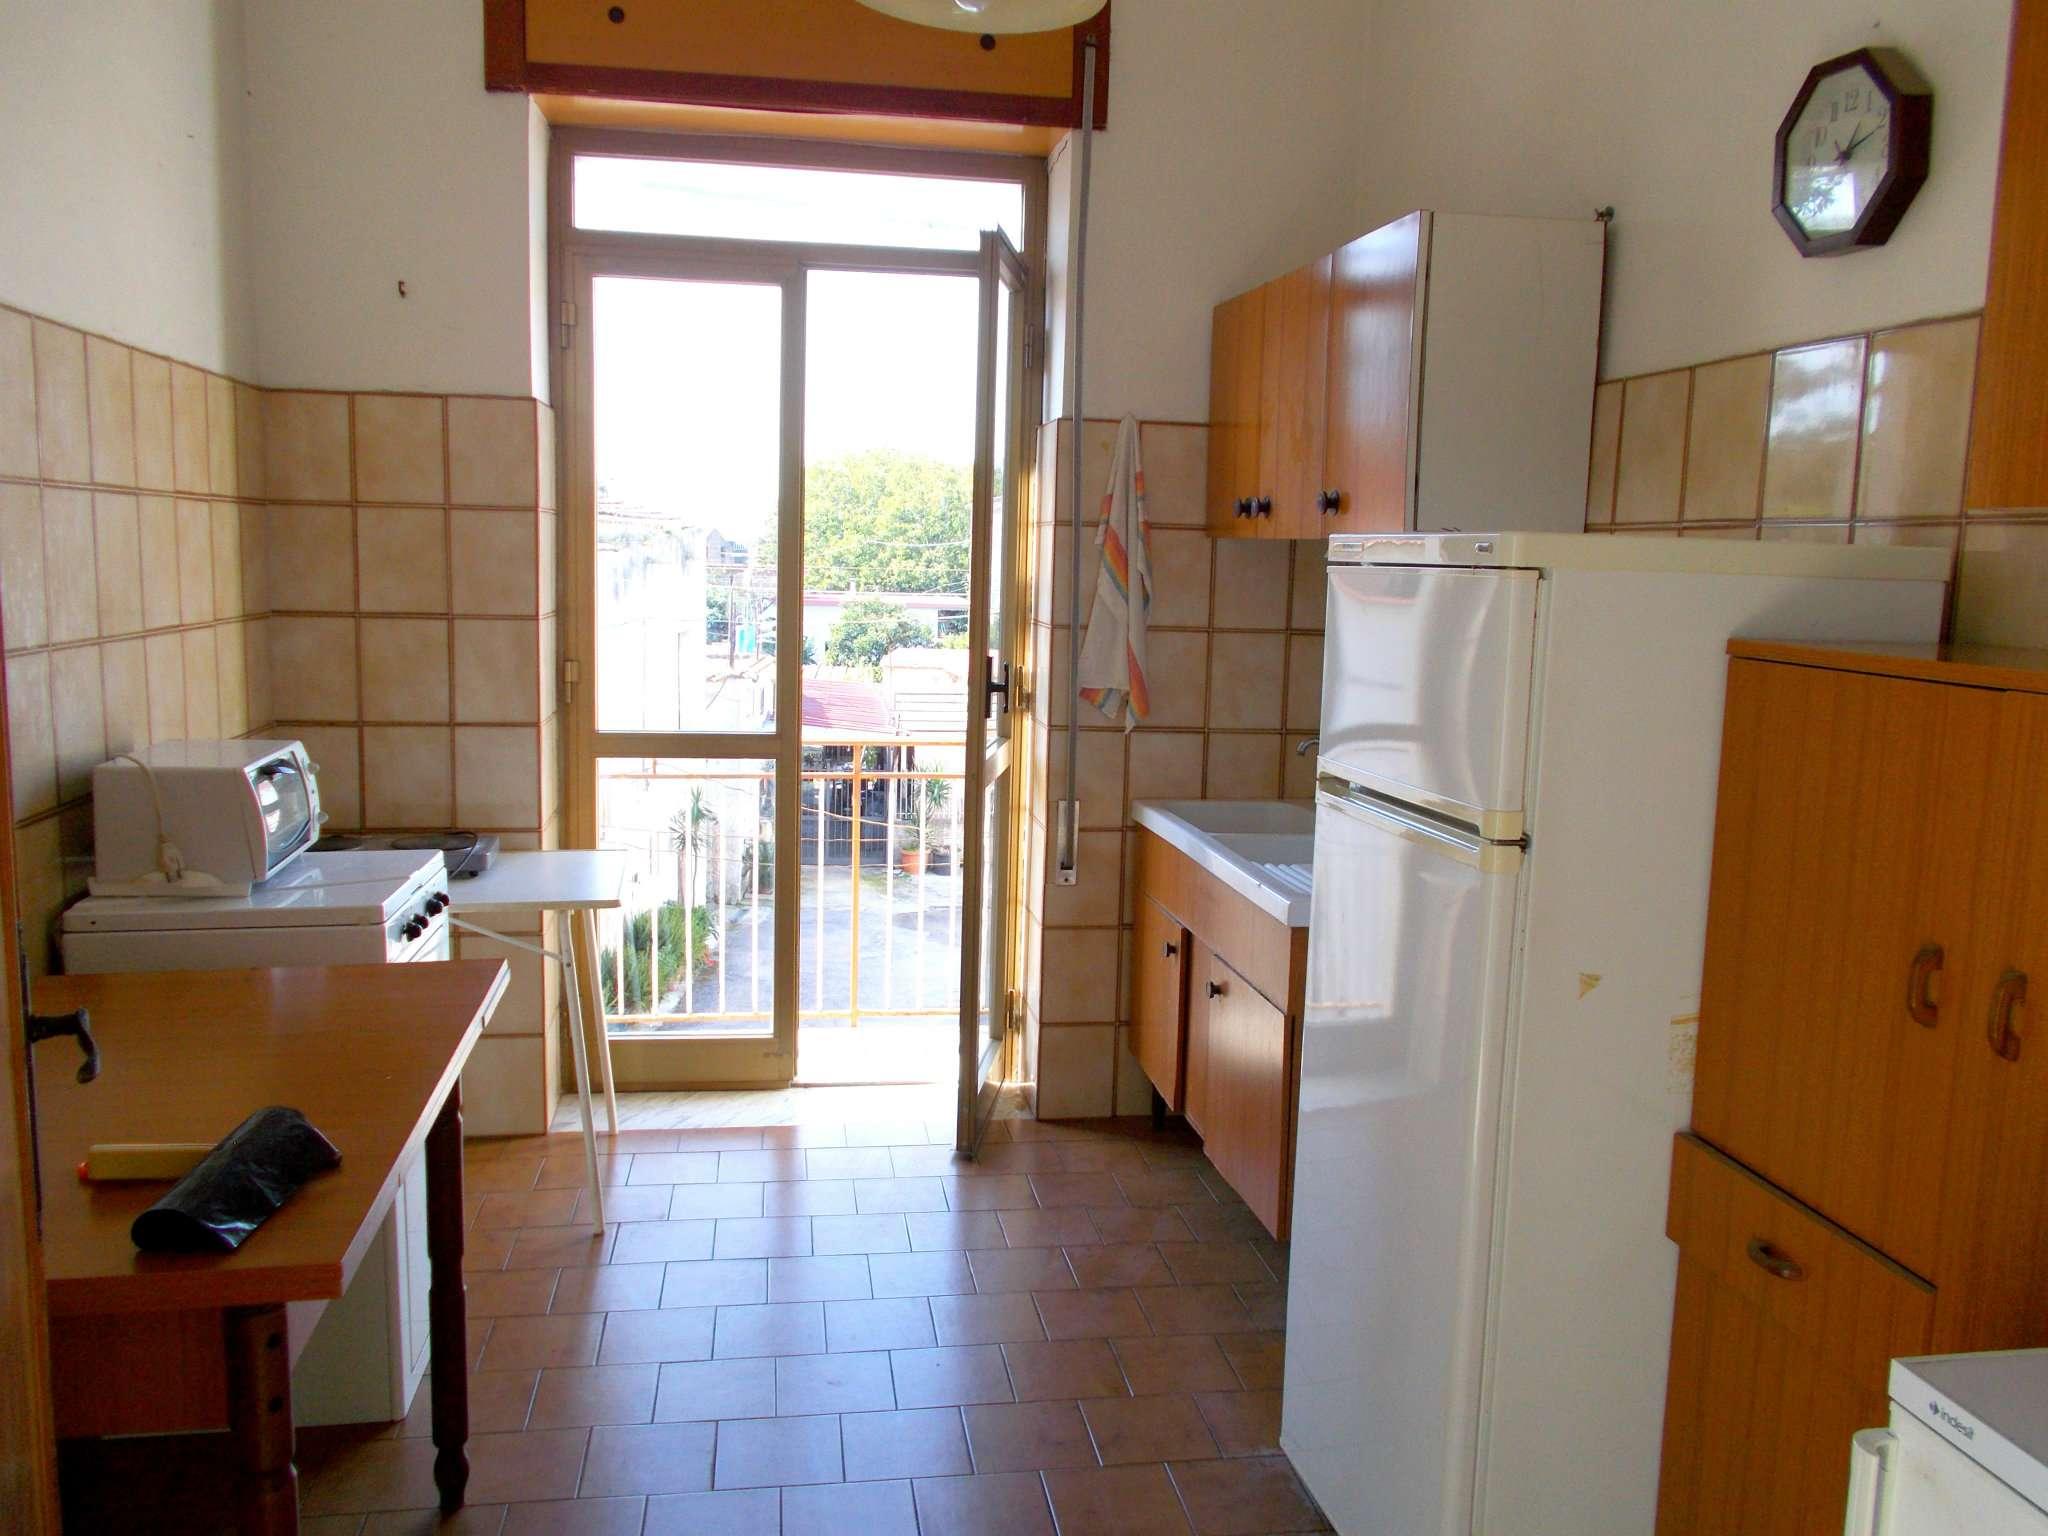 Appartamento in vendita a Santa Maria a Vico, 3 locali, prezzo € 31.000 | PortaleAgenzieImmobiliari.it